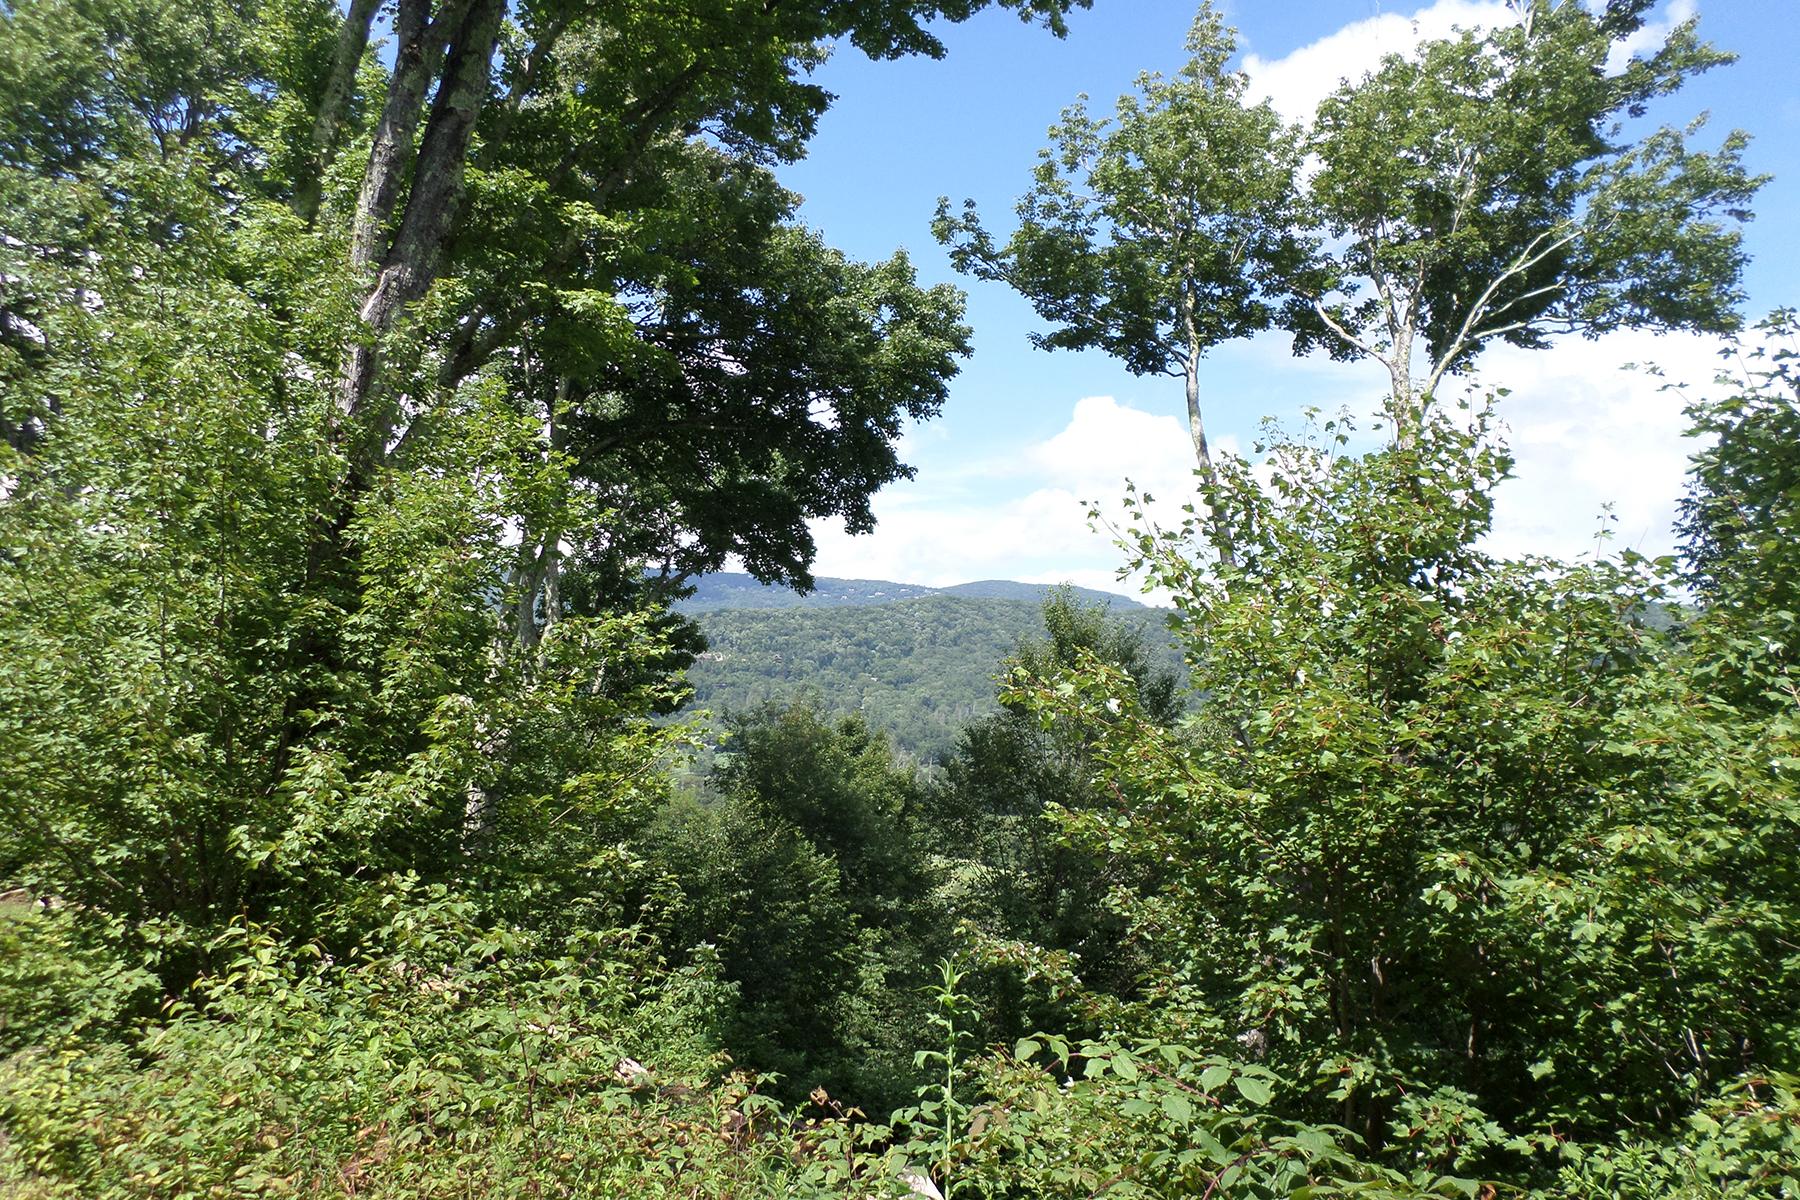 Land for Sale at BANNER ELK - APPLE ORCHARD Lot 68 Orchard Lane Banner Elk, North Carolina 28604 United States